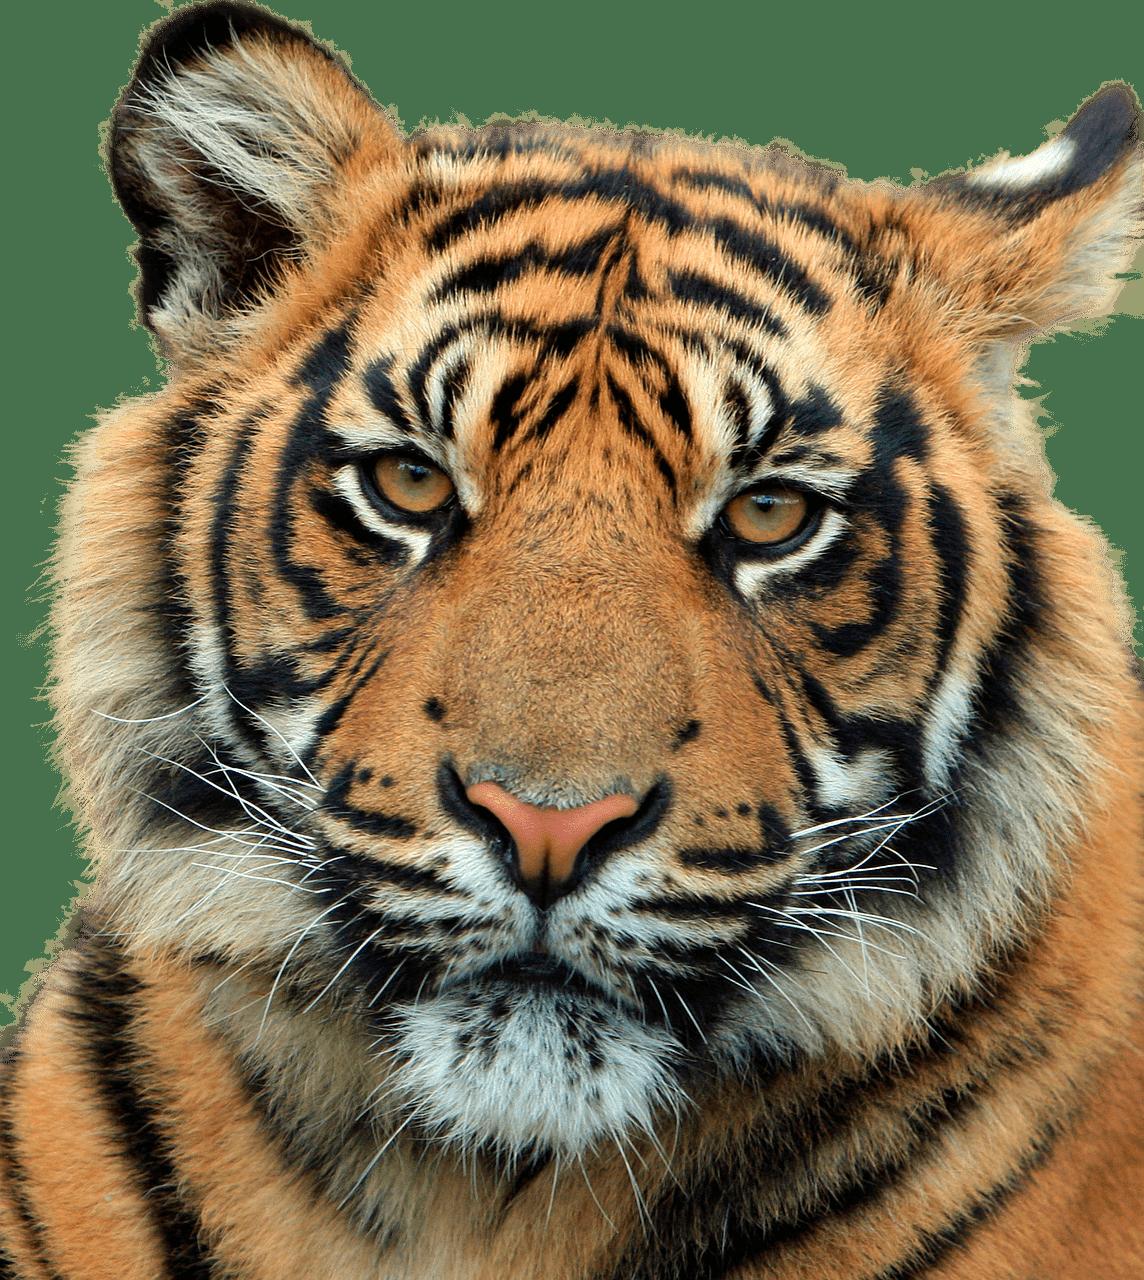 Clipart tiger tiger head. Close up transparent png